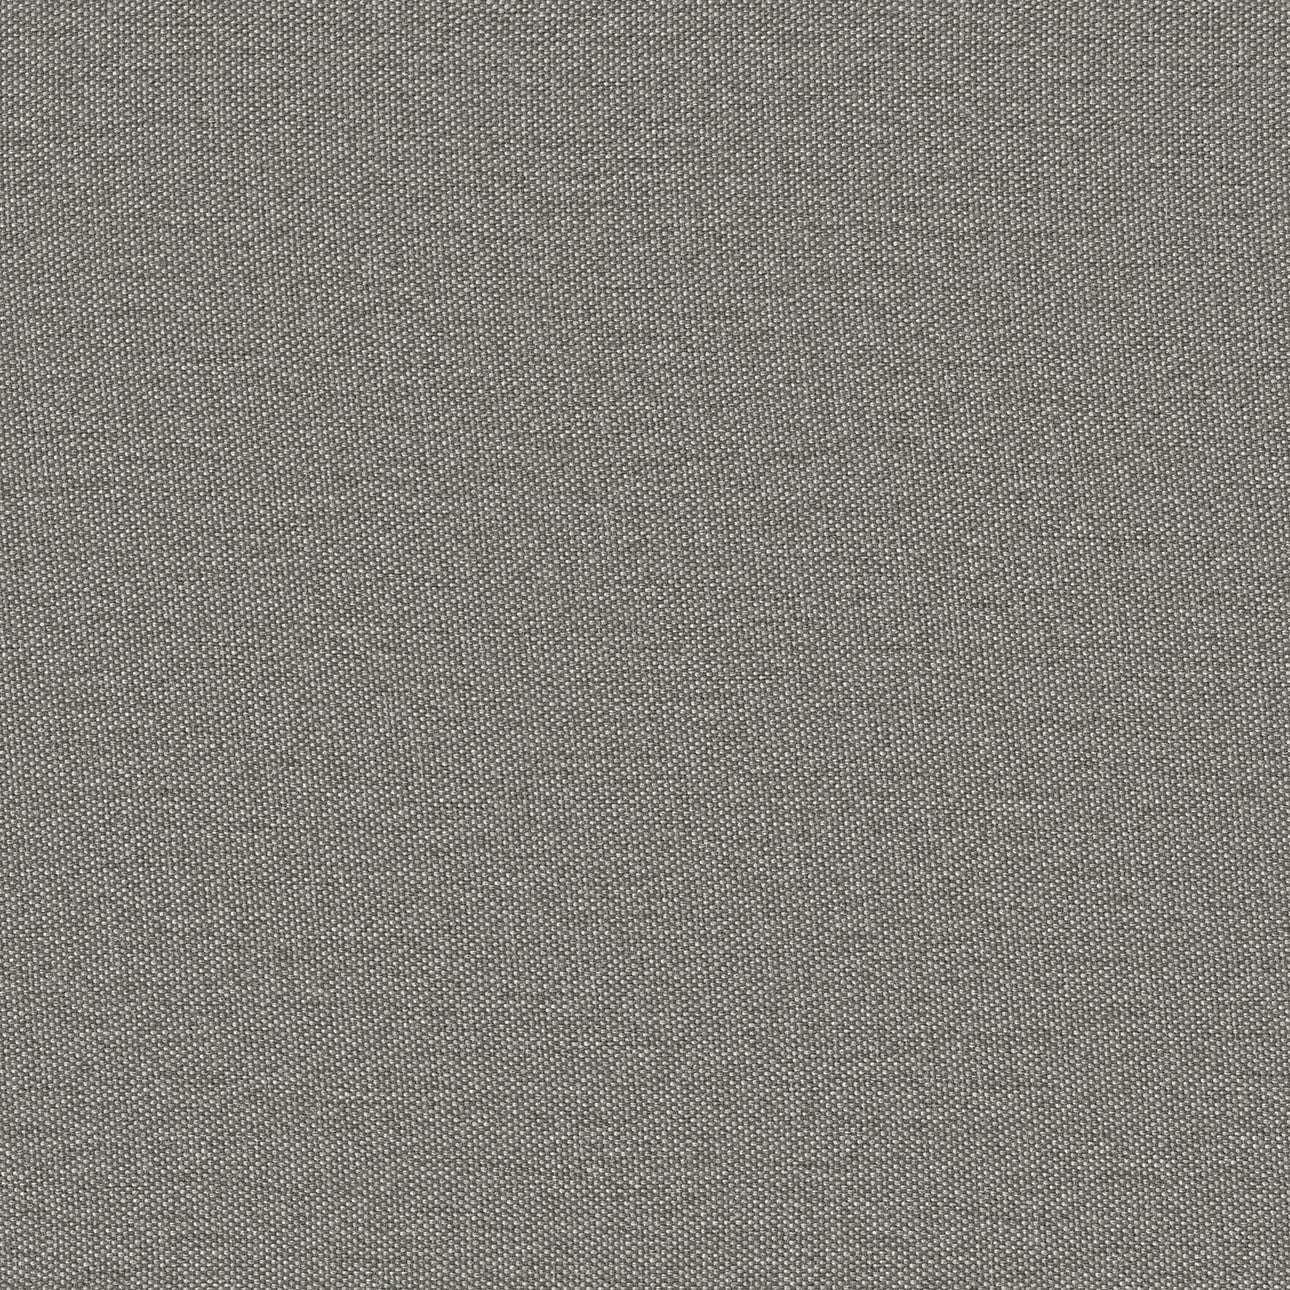 Etna 161-25 w kolekcji Etna, tkanina: 161-25